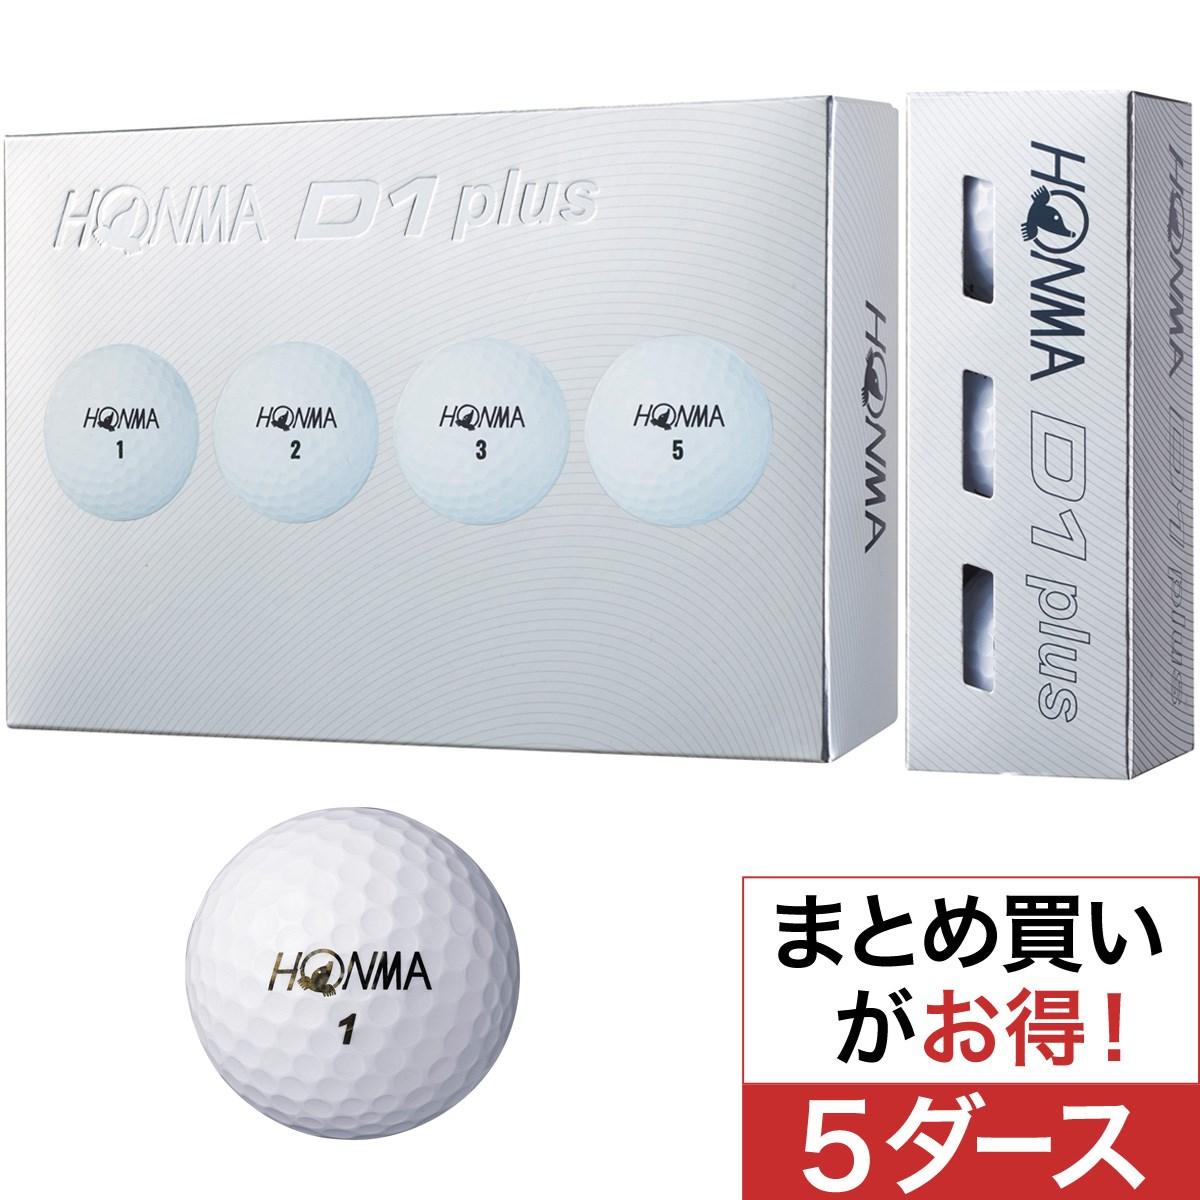 本間ゴルフ(HONMA GOLF) D1 plus ボール 5ダースセット